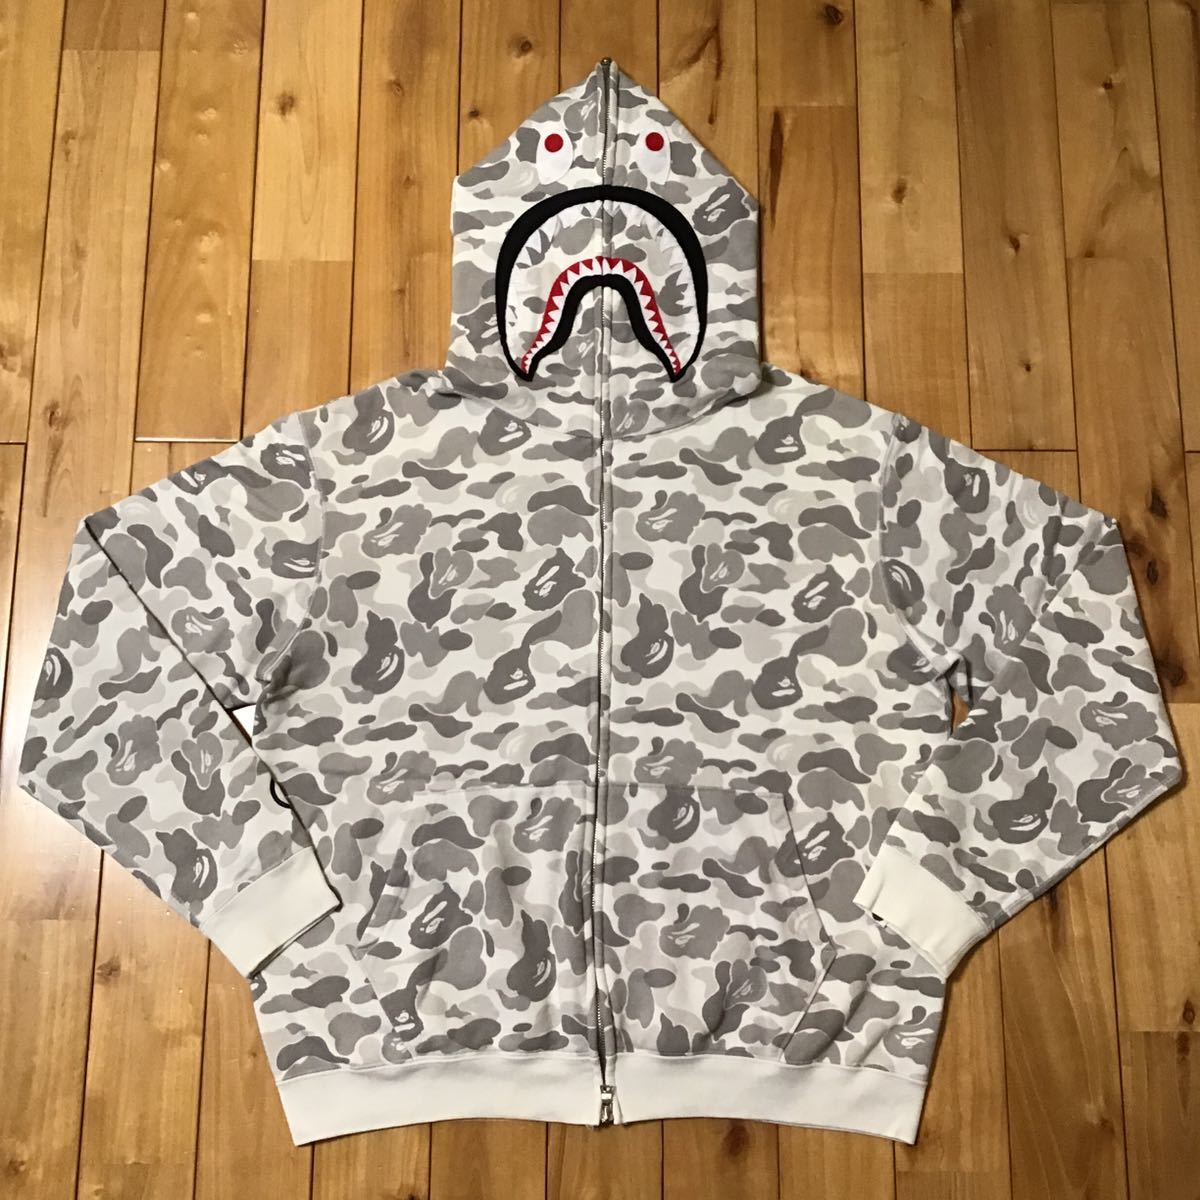 ★原宿限定★ harajuku city color camo シャーク パーカー Mサイズ shark full zip hoodie a bathing ape BAPE エイプ ベイプ 都市限定